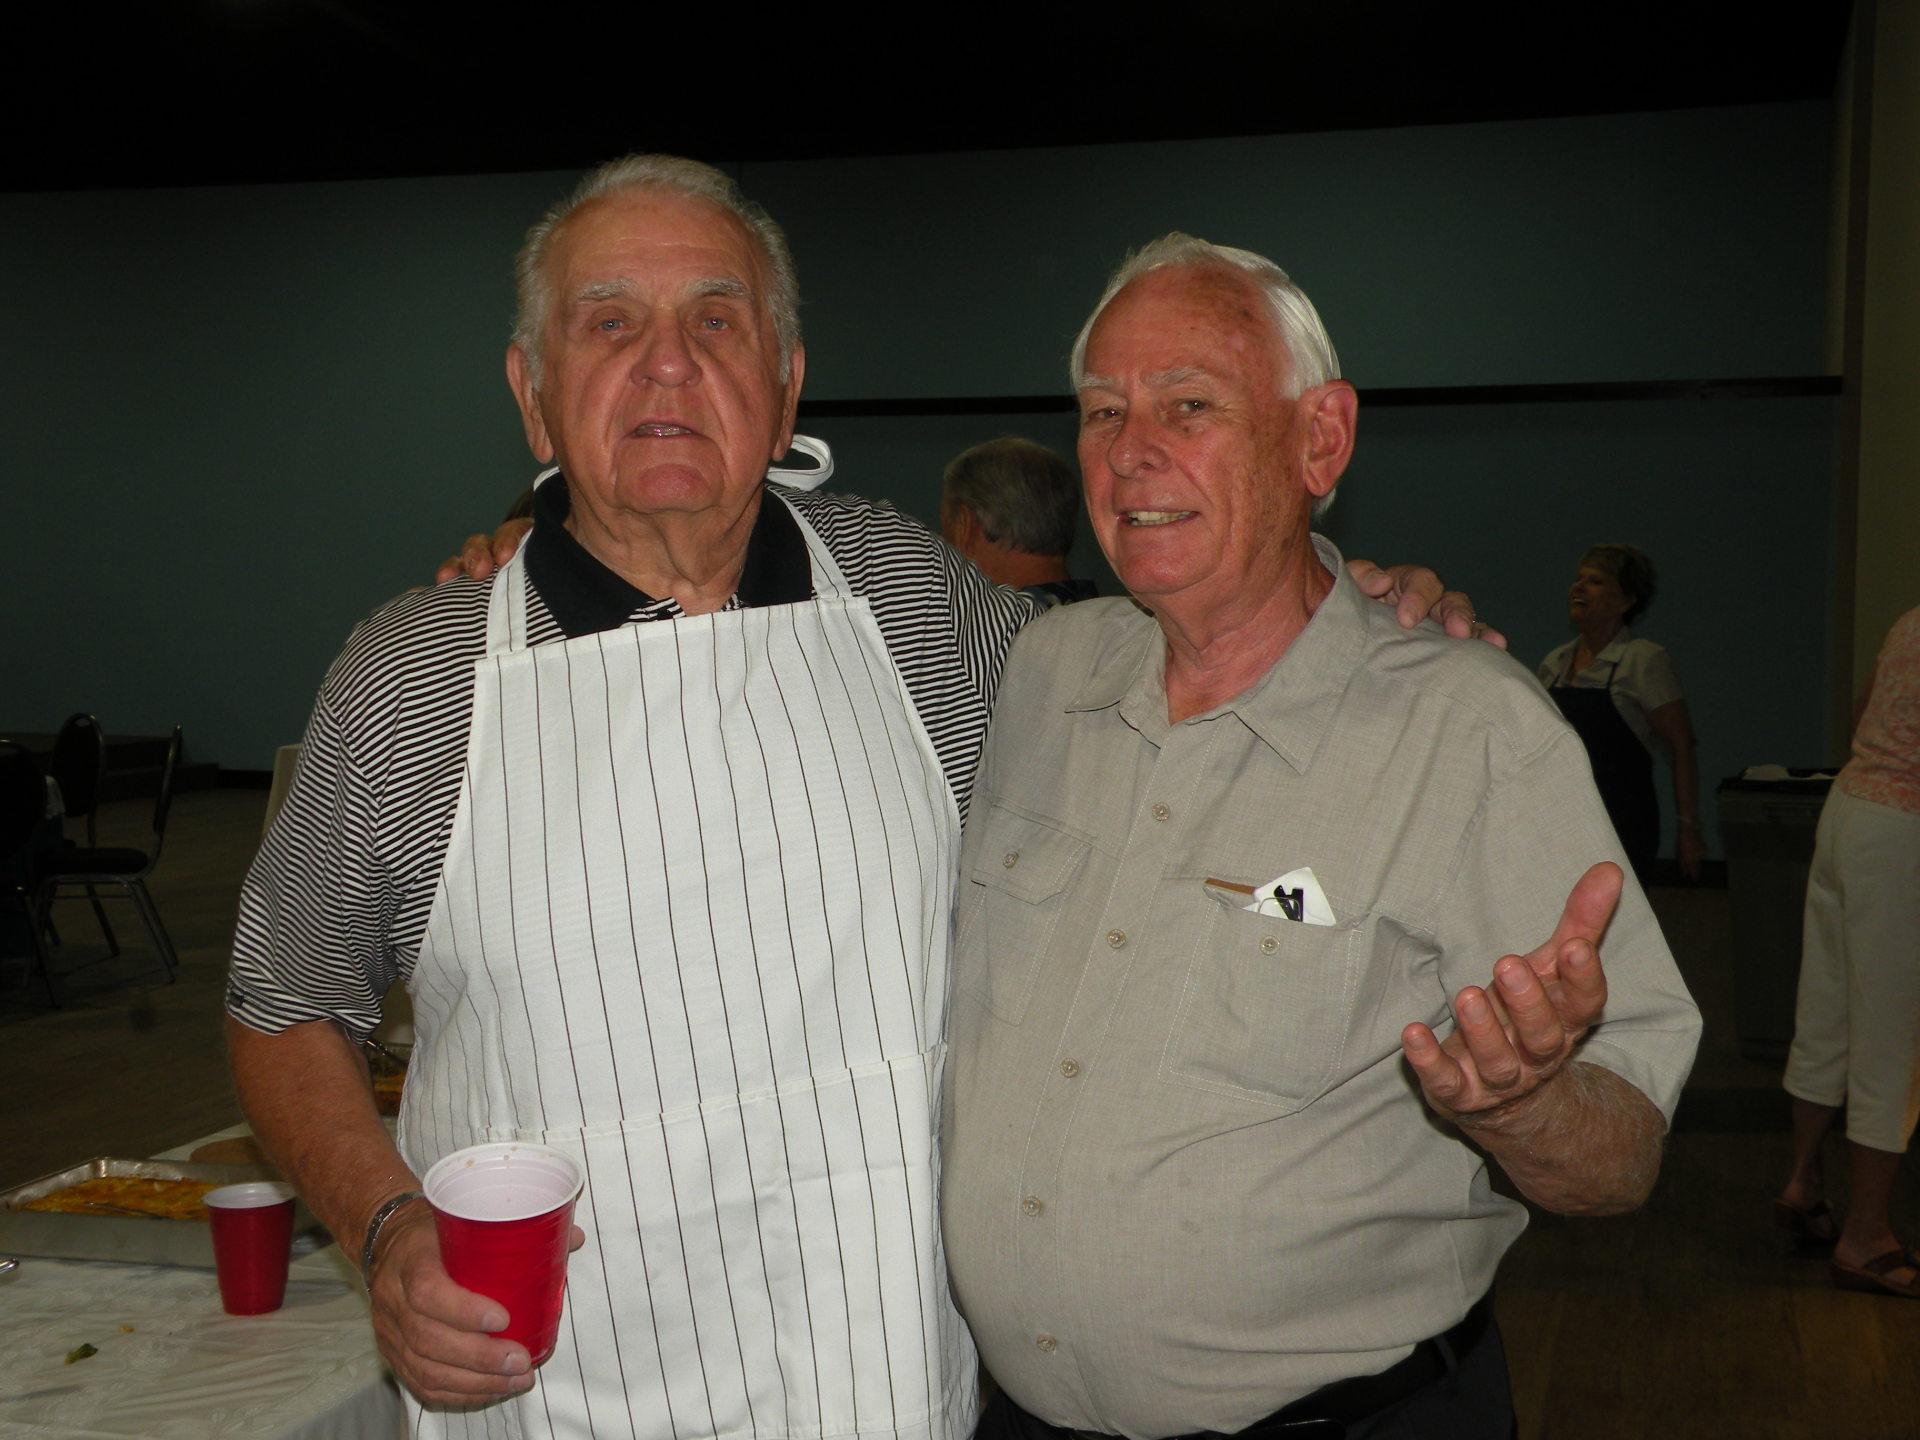 Jim & Ott